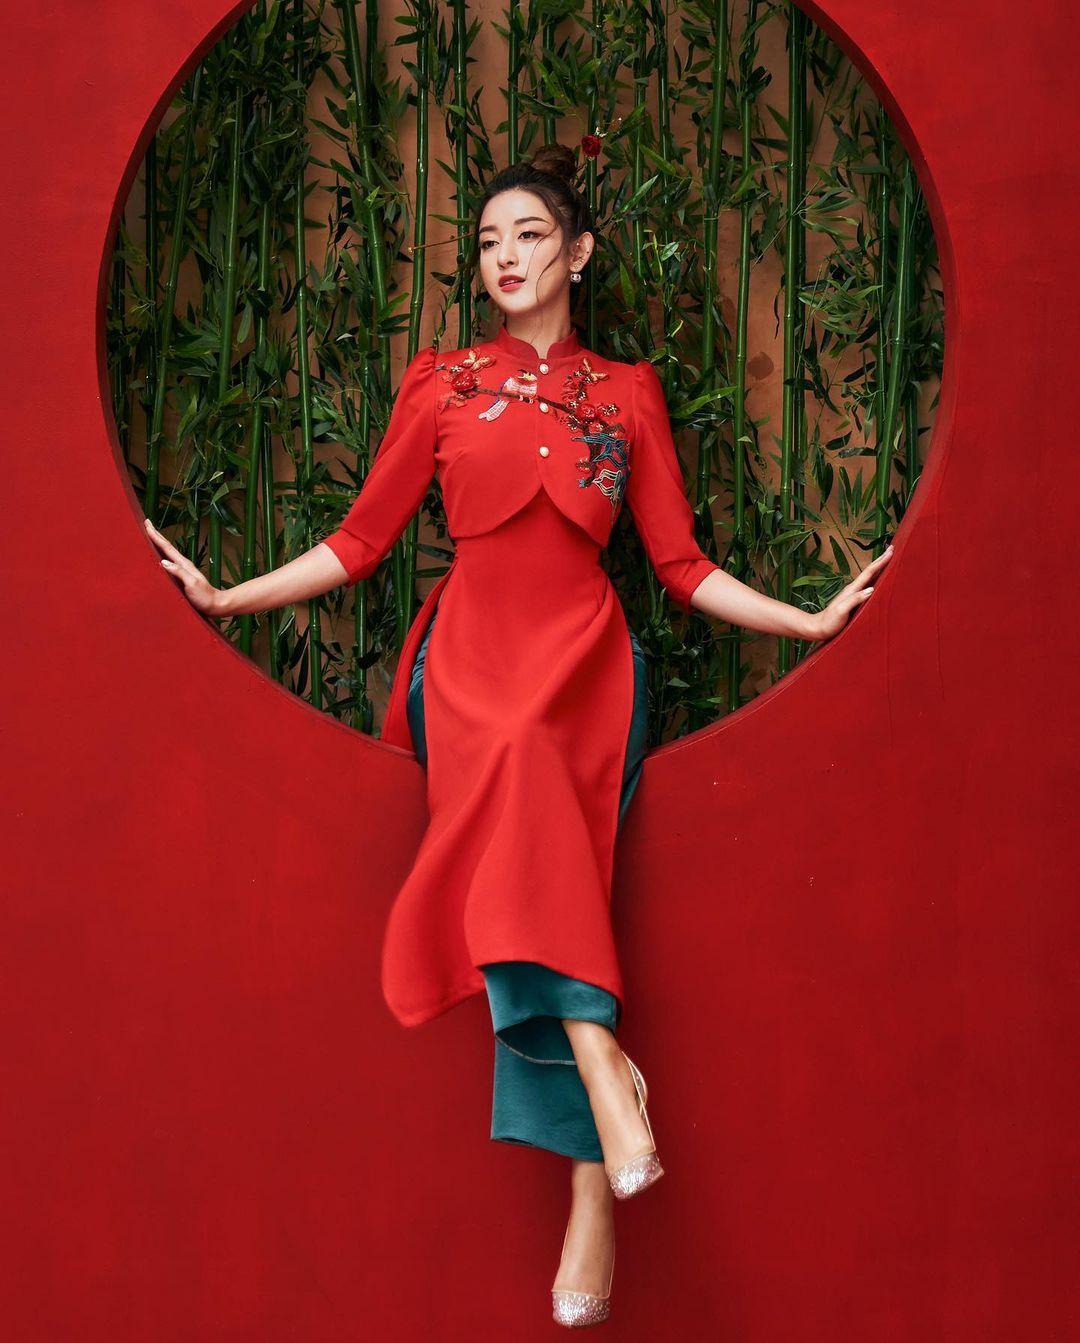 Sao Việt rộn ràng diện áo dài đón Tết sớm, kiểu hot hit nhất năm nay nằm cả ở chi tiết này - Ảnh 11.